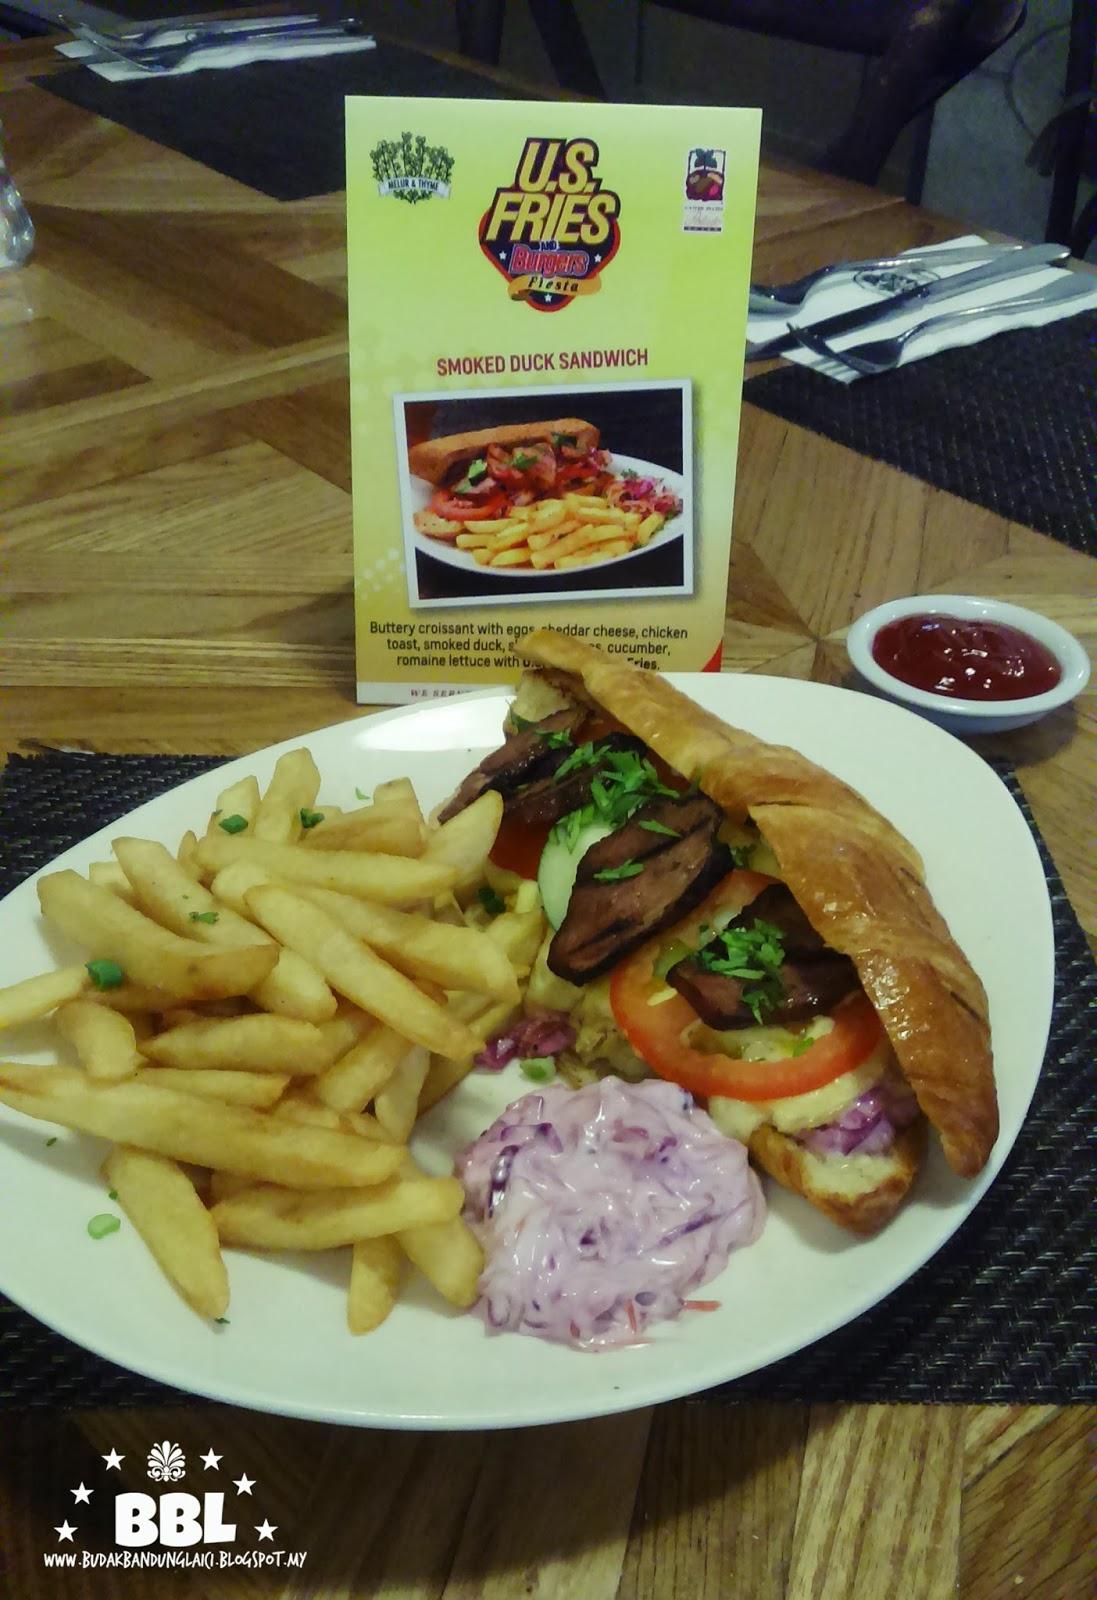 Menu Terbaru Melur & Thyme Sempena U.S Fries & Burgers ...